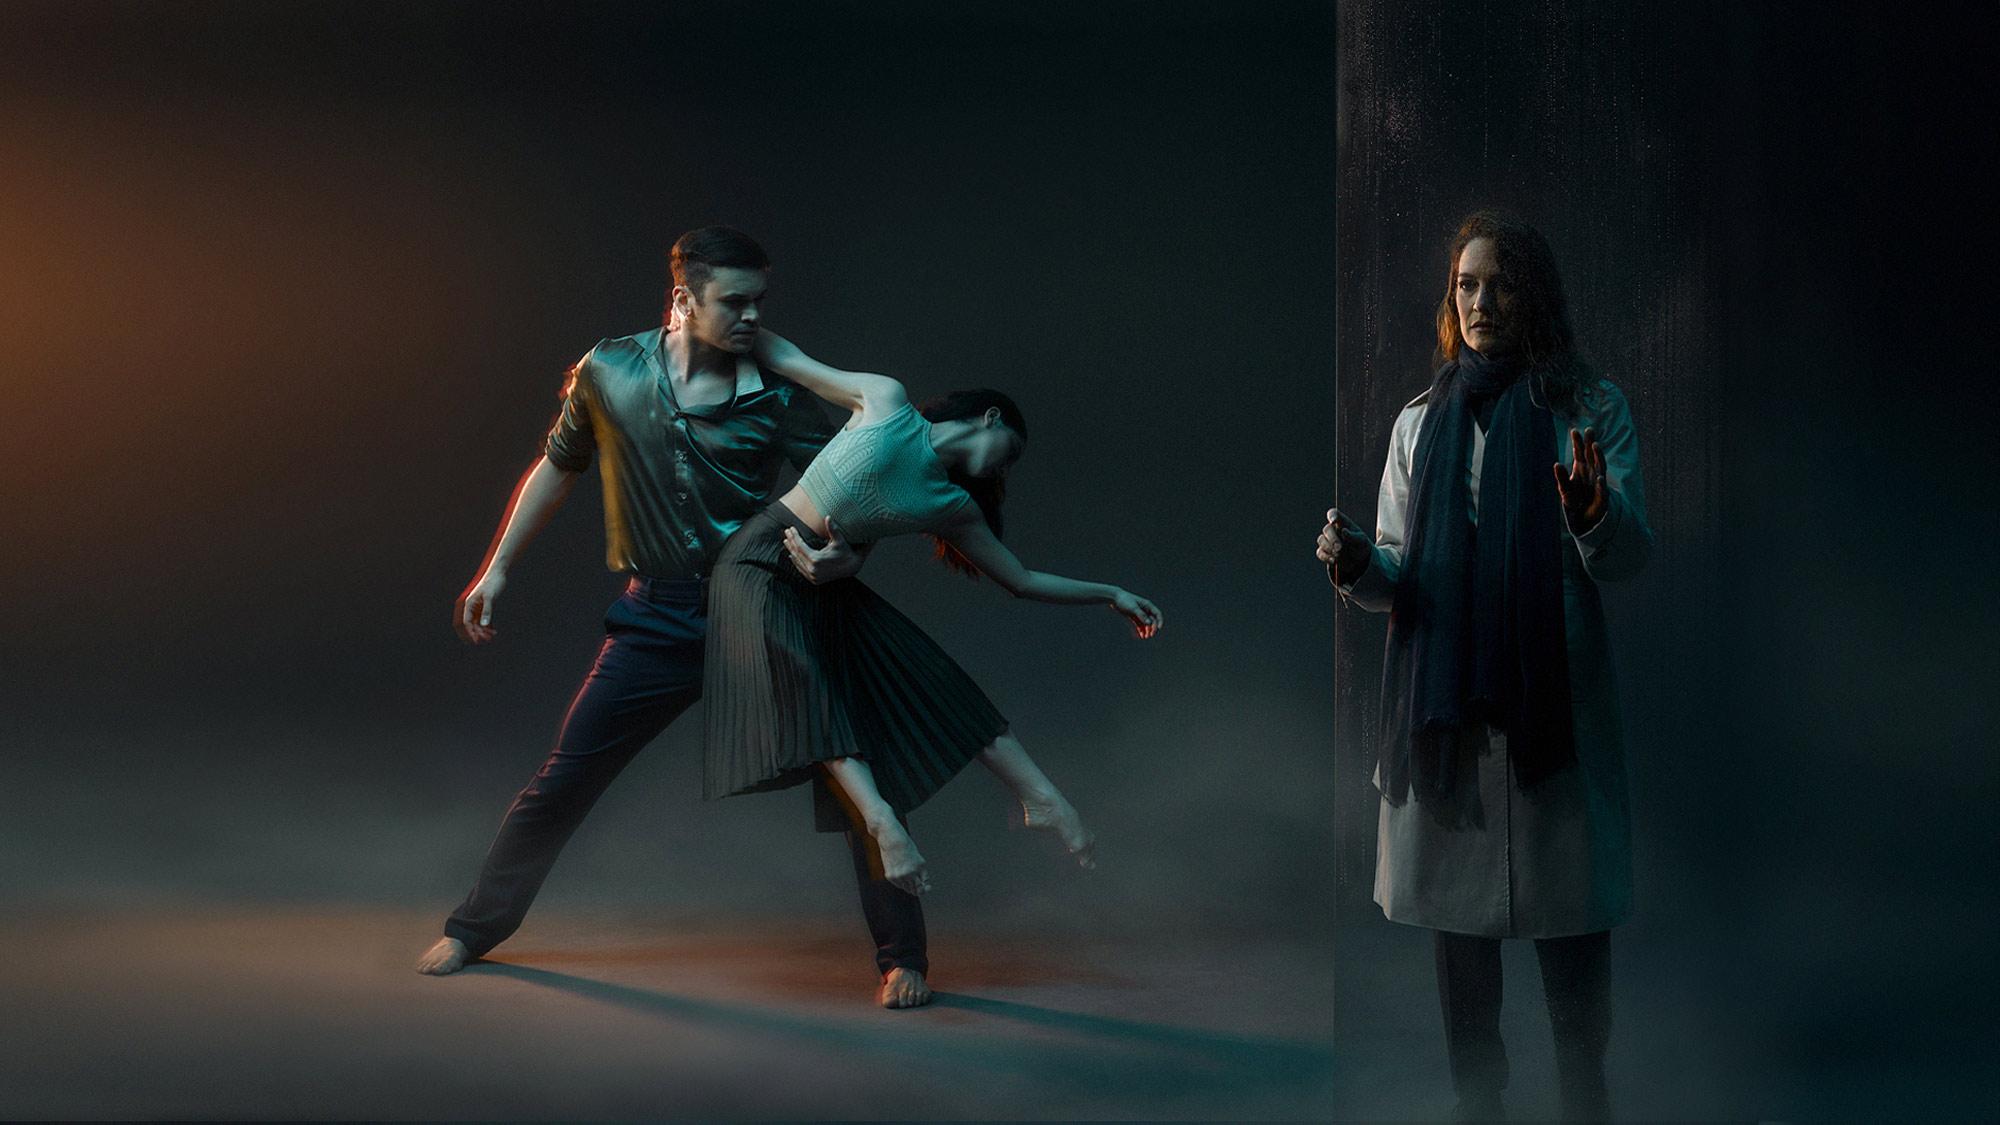 BJM - Les Ballets Jazz de Montréal - VANISHING MÉLODIES